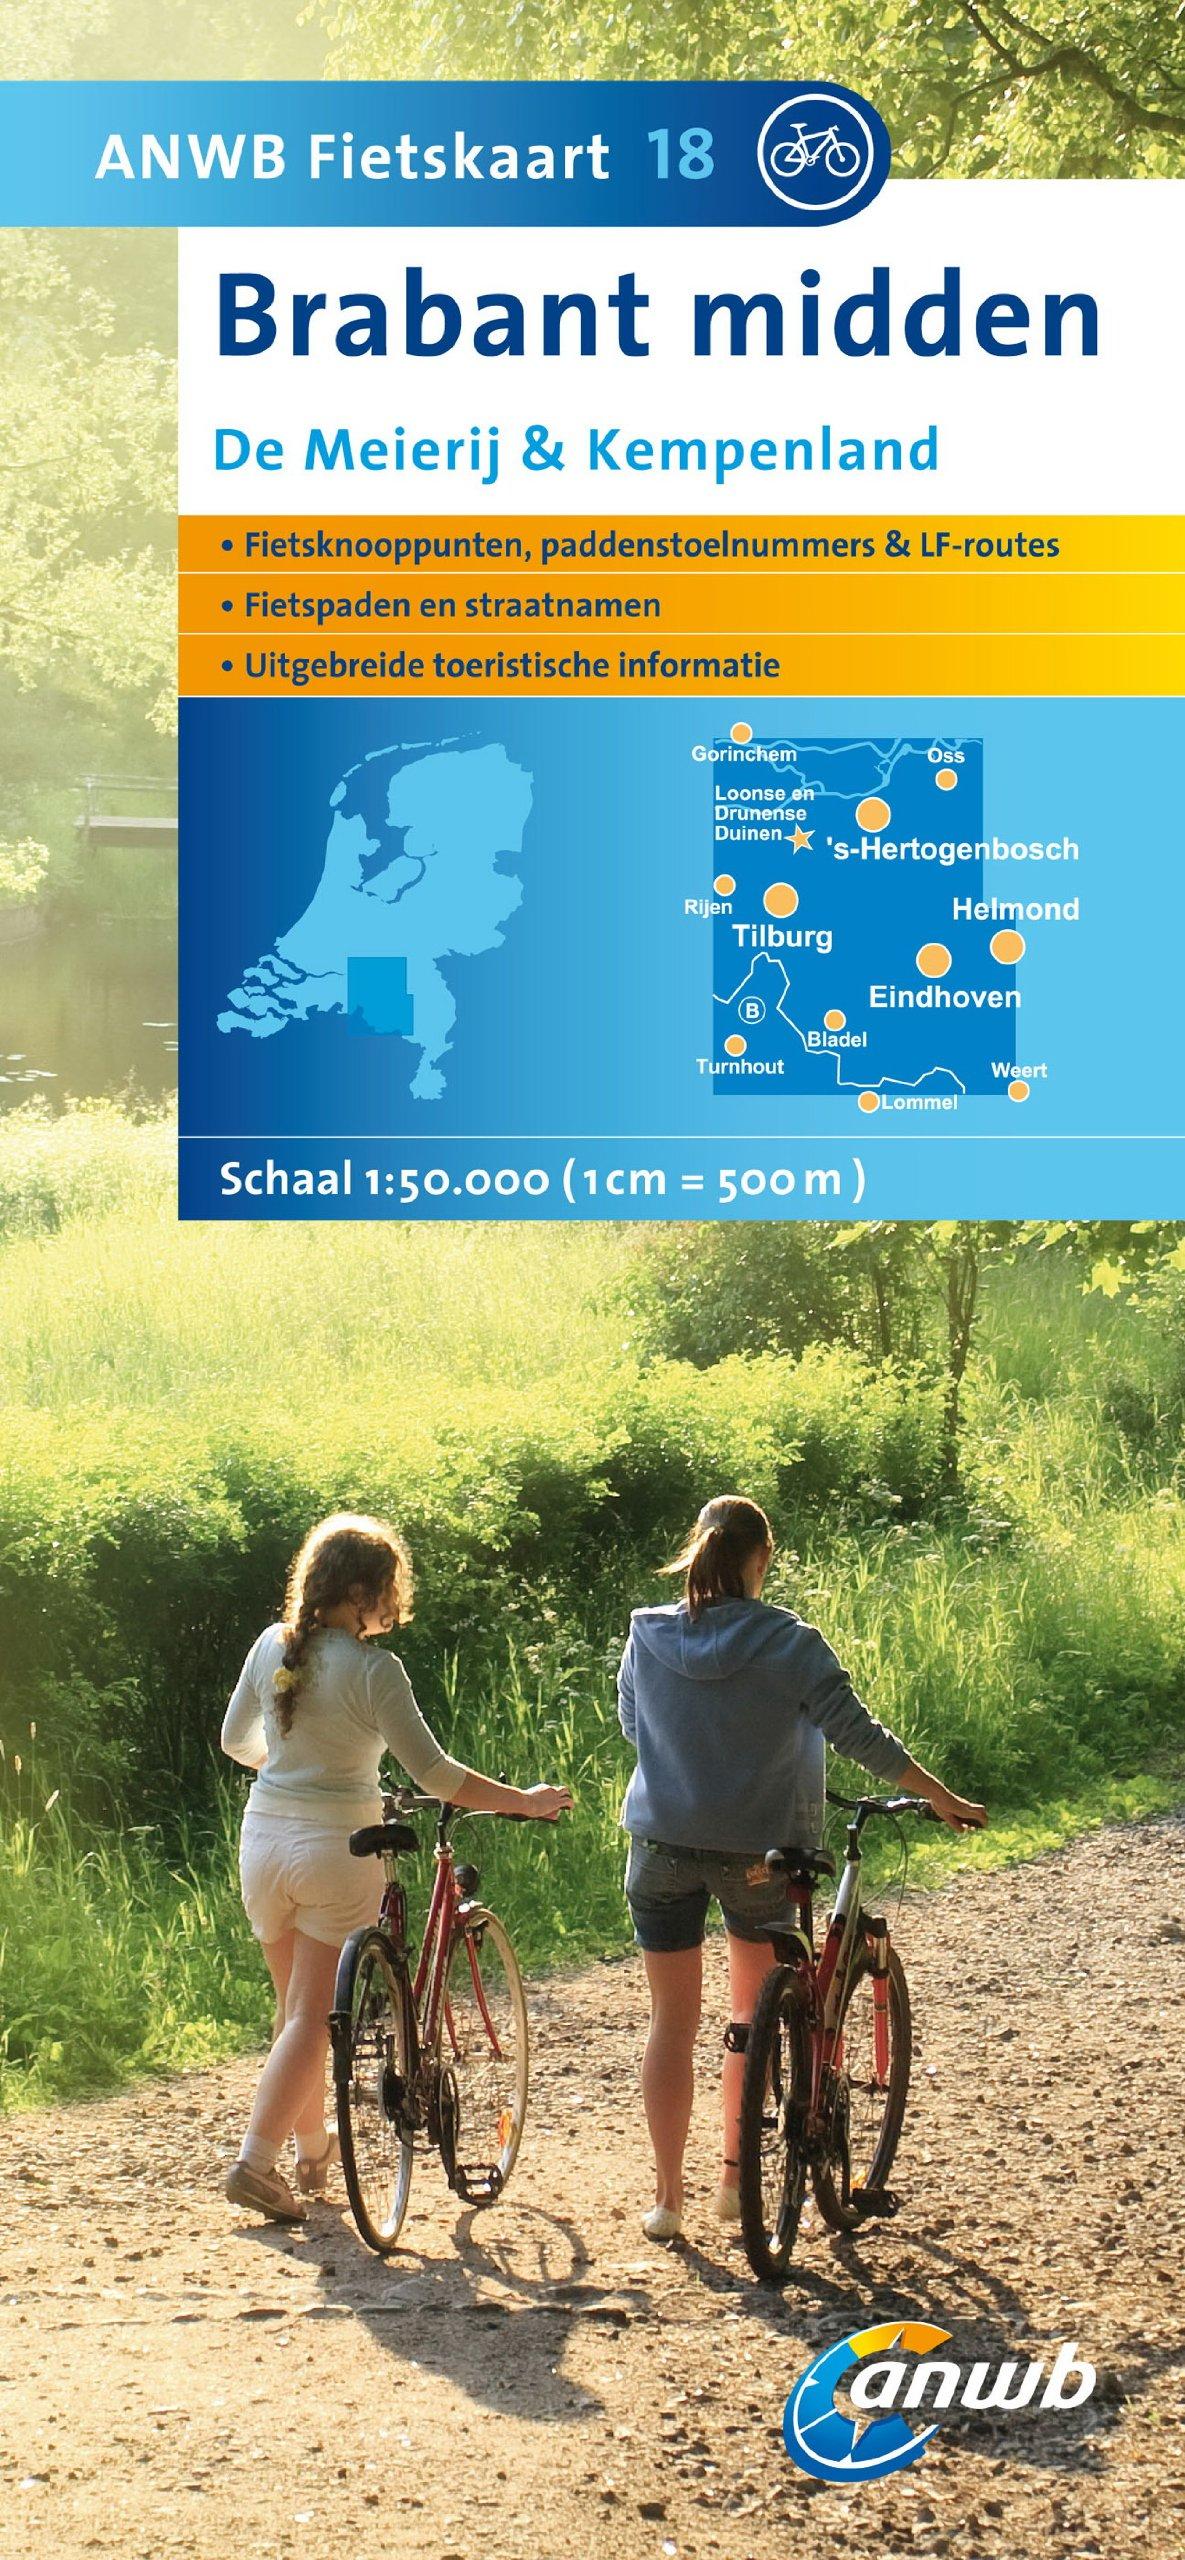 Fietskaart 18 Brabant midden (ANWB fietskaart (18))